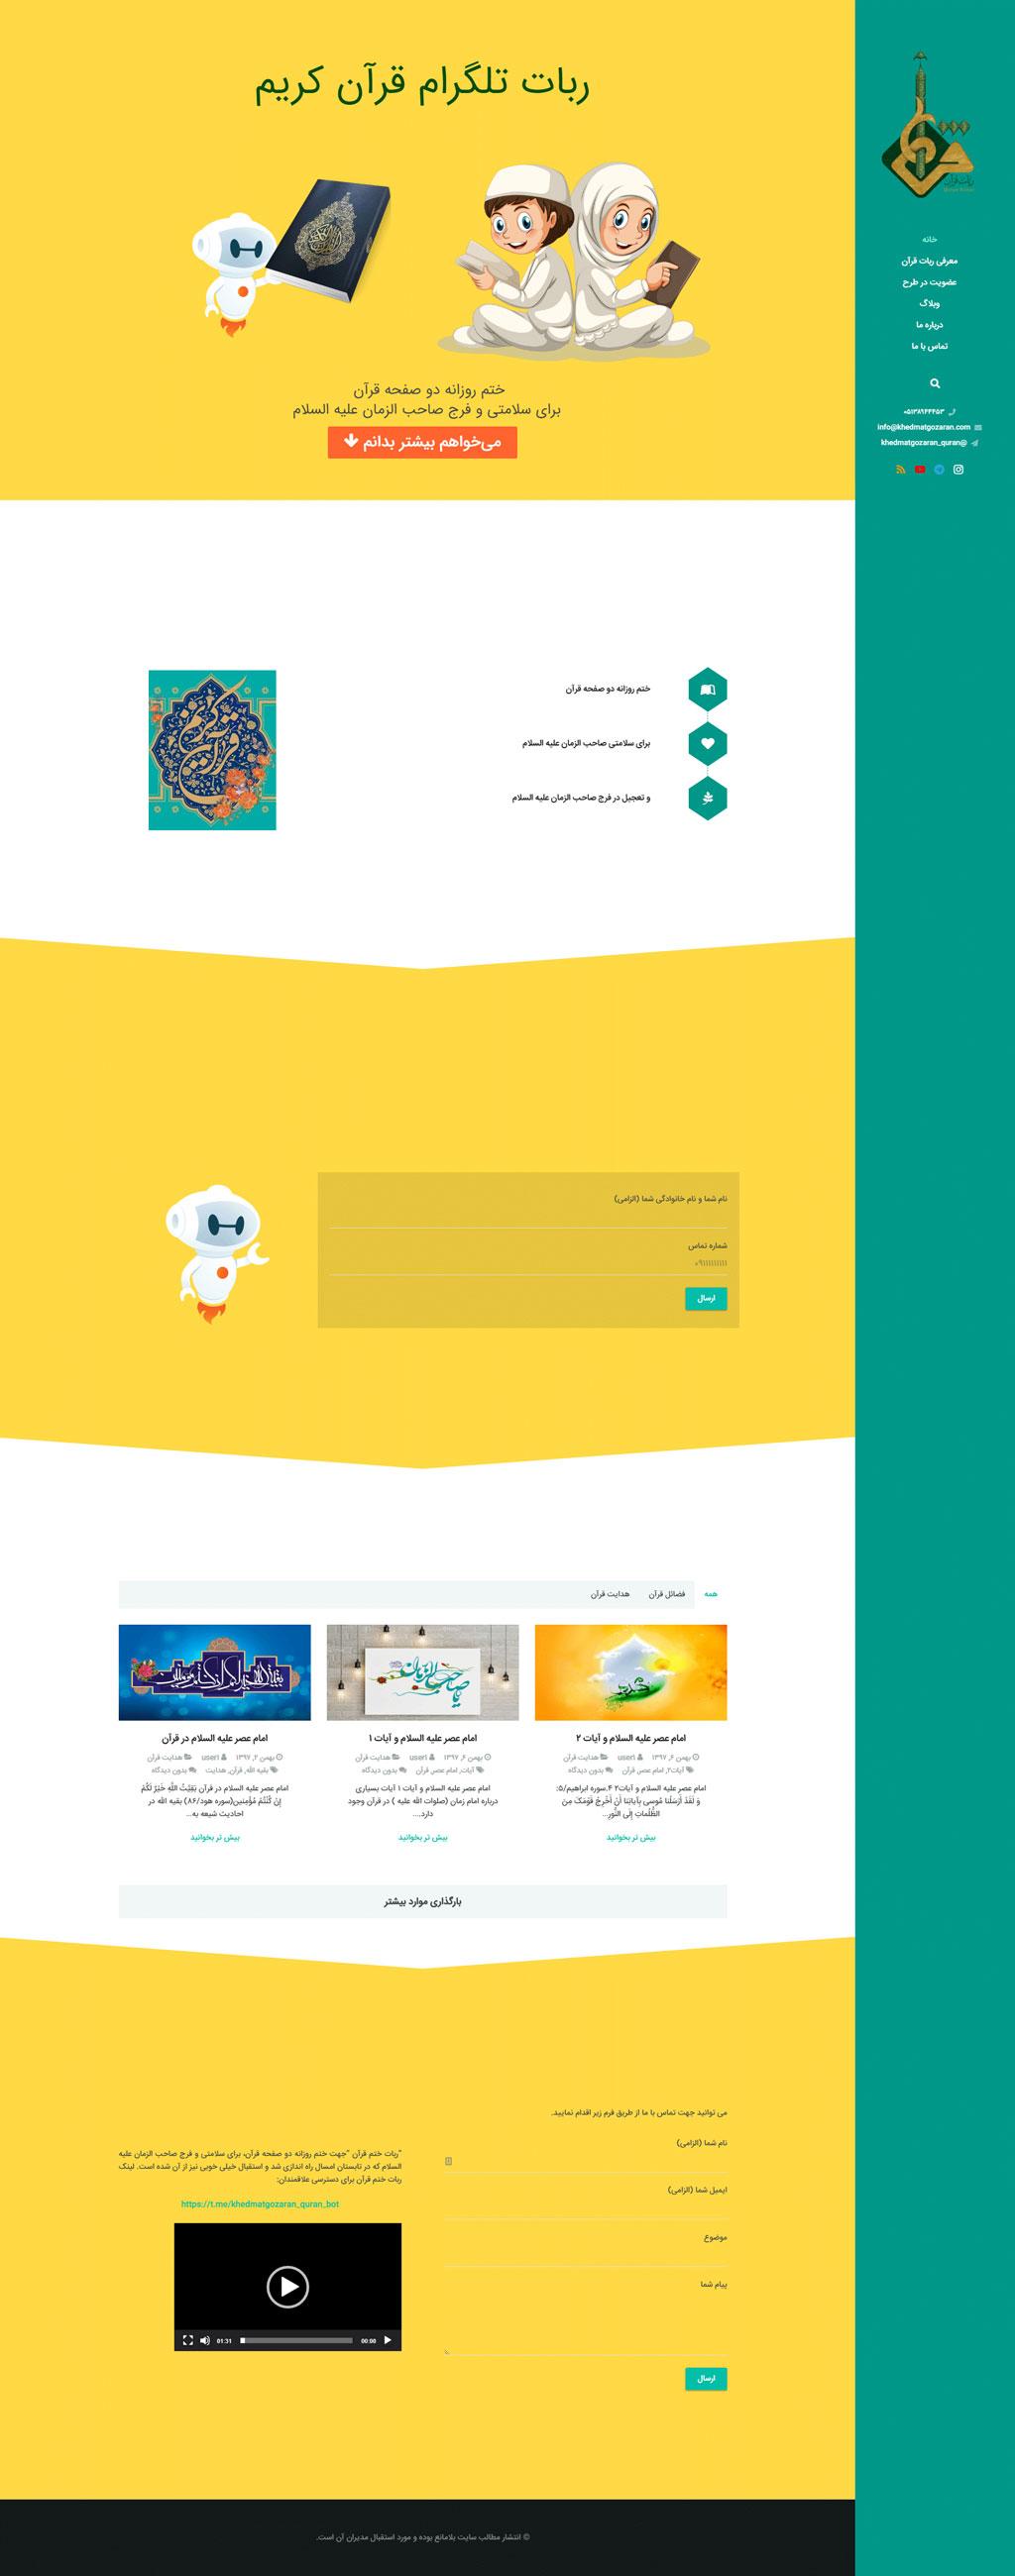 طراحی وب سایت ربات قرآن